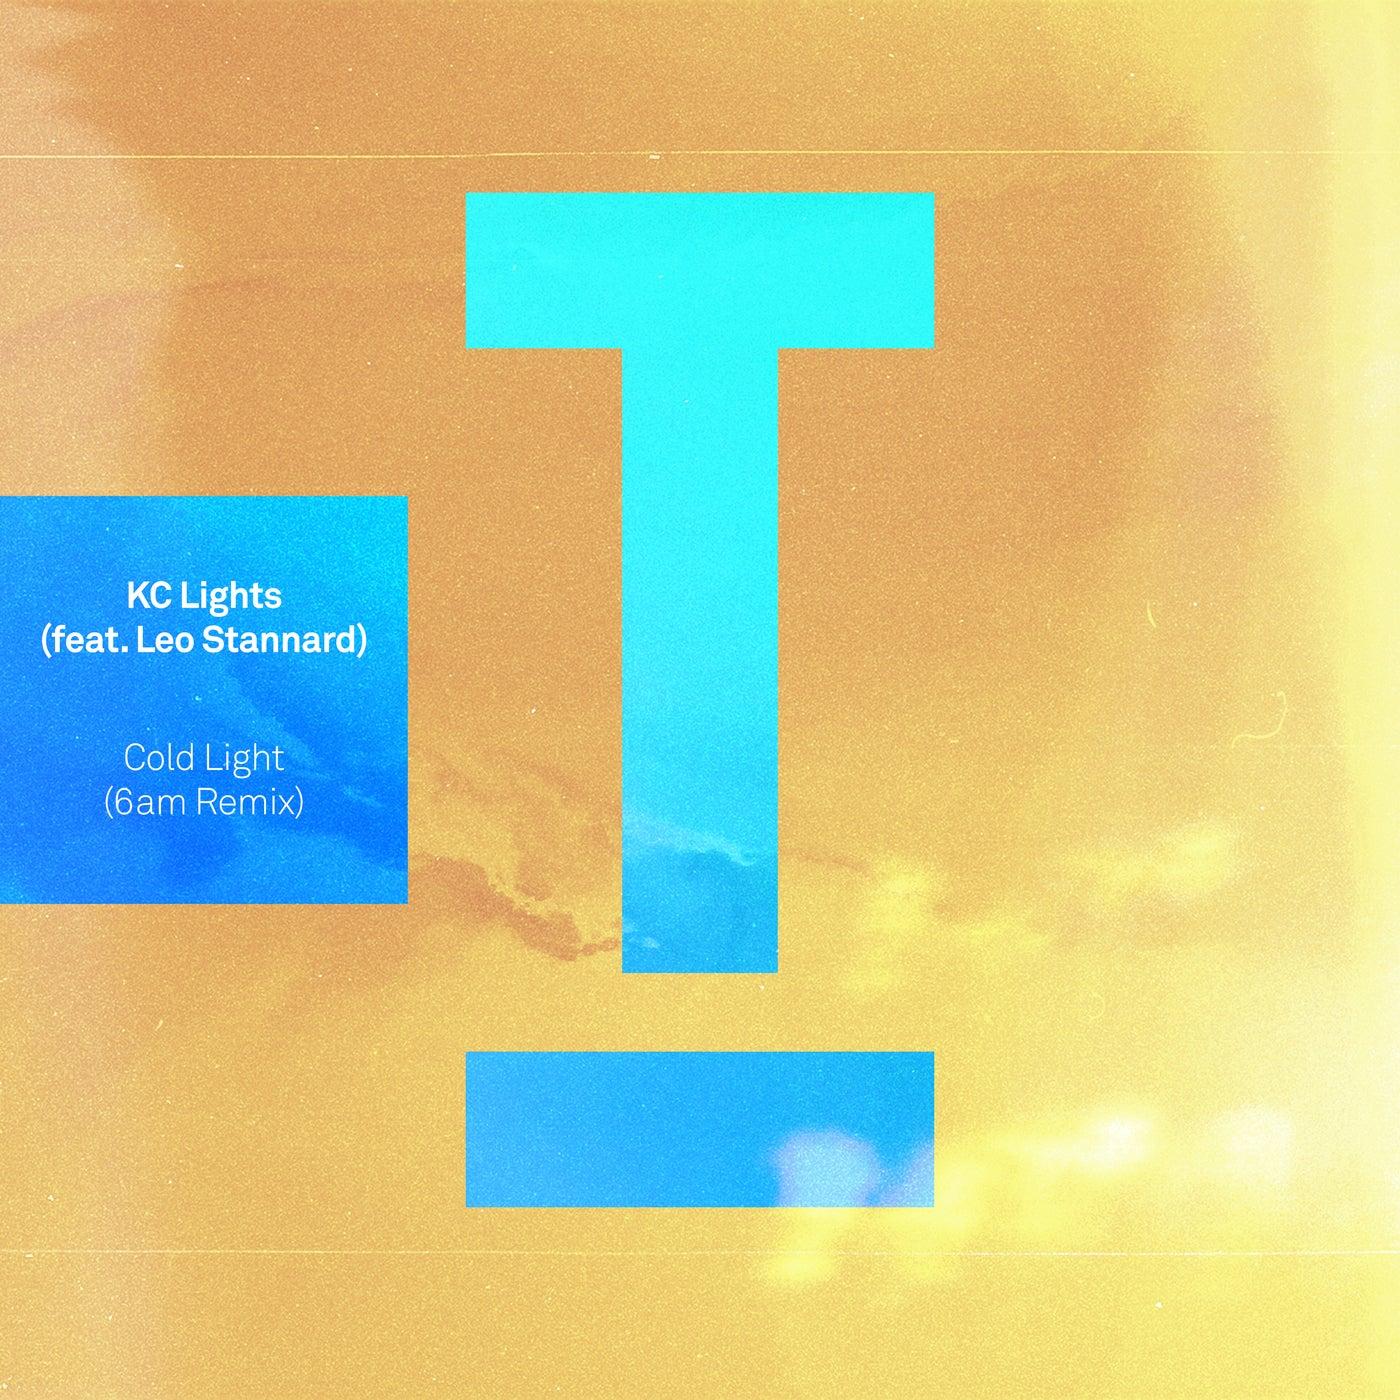 Cold Light feat. Leo Stannard (6am Remix)